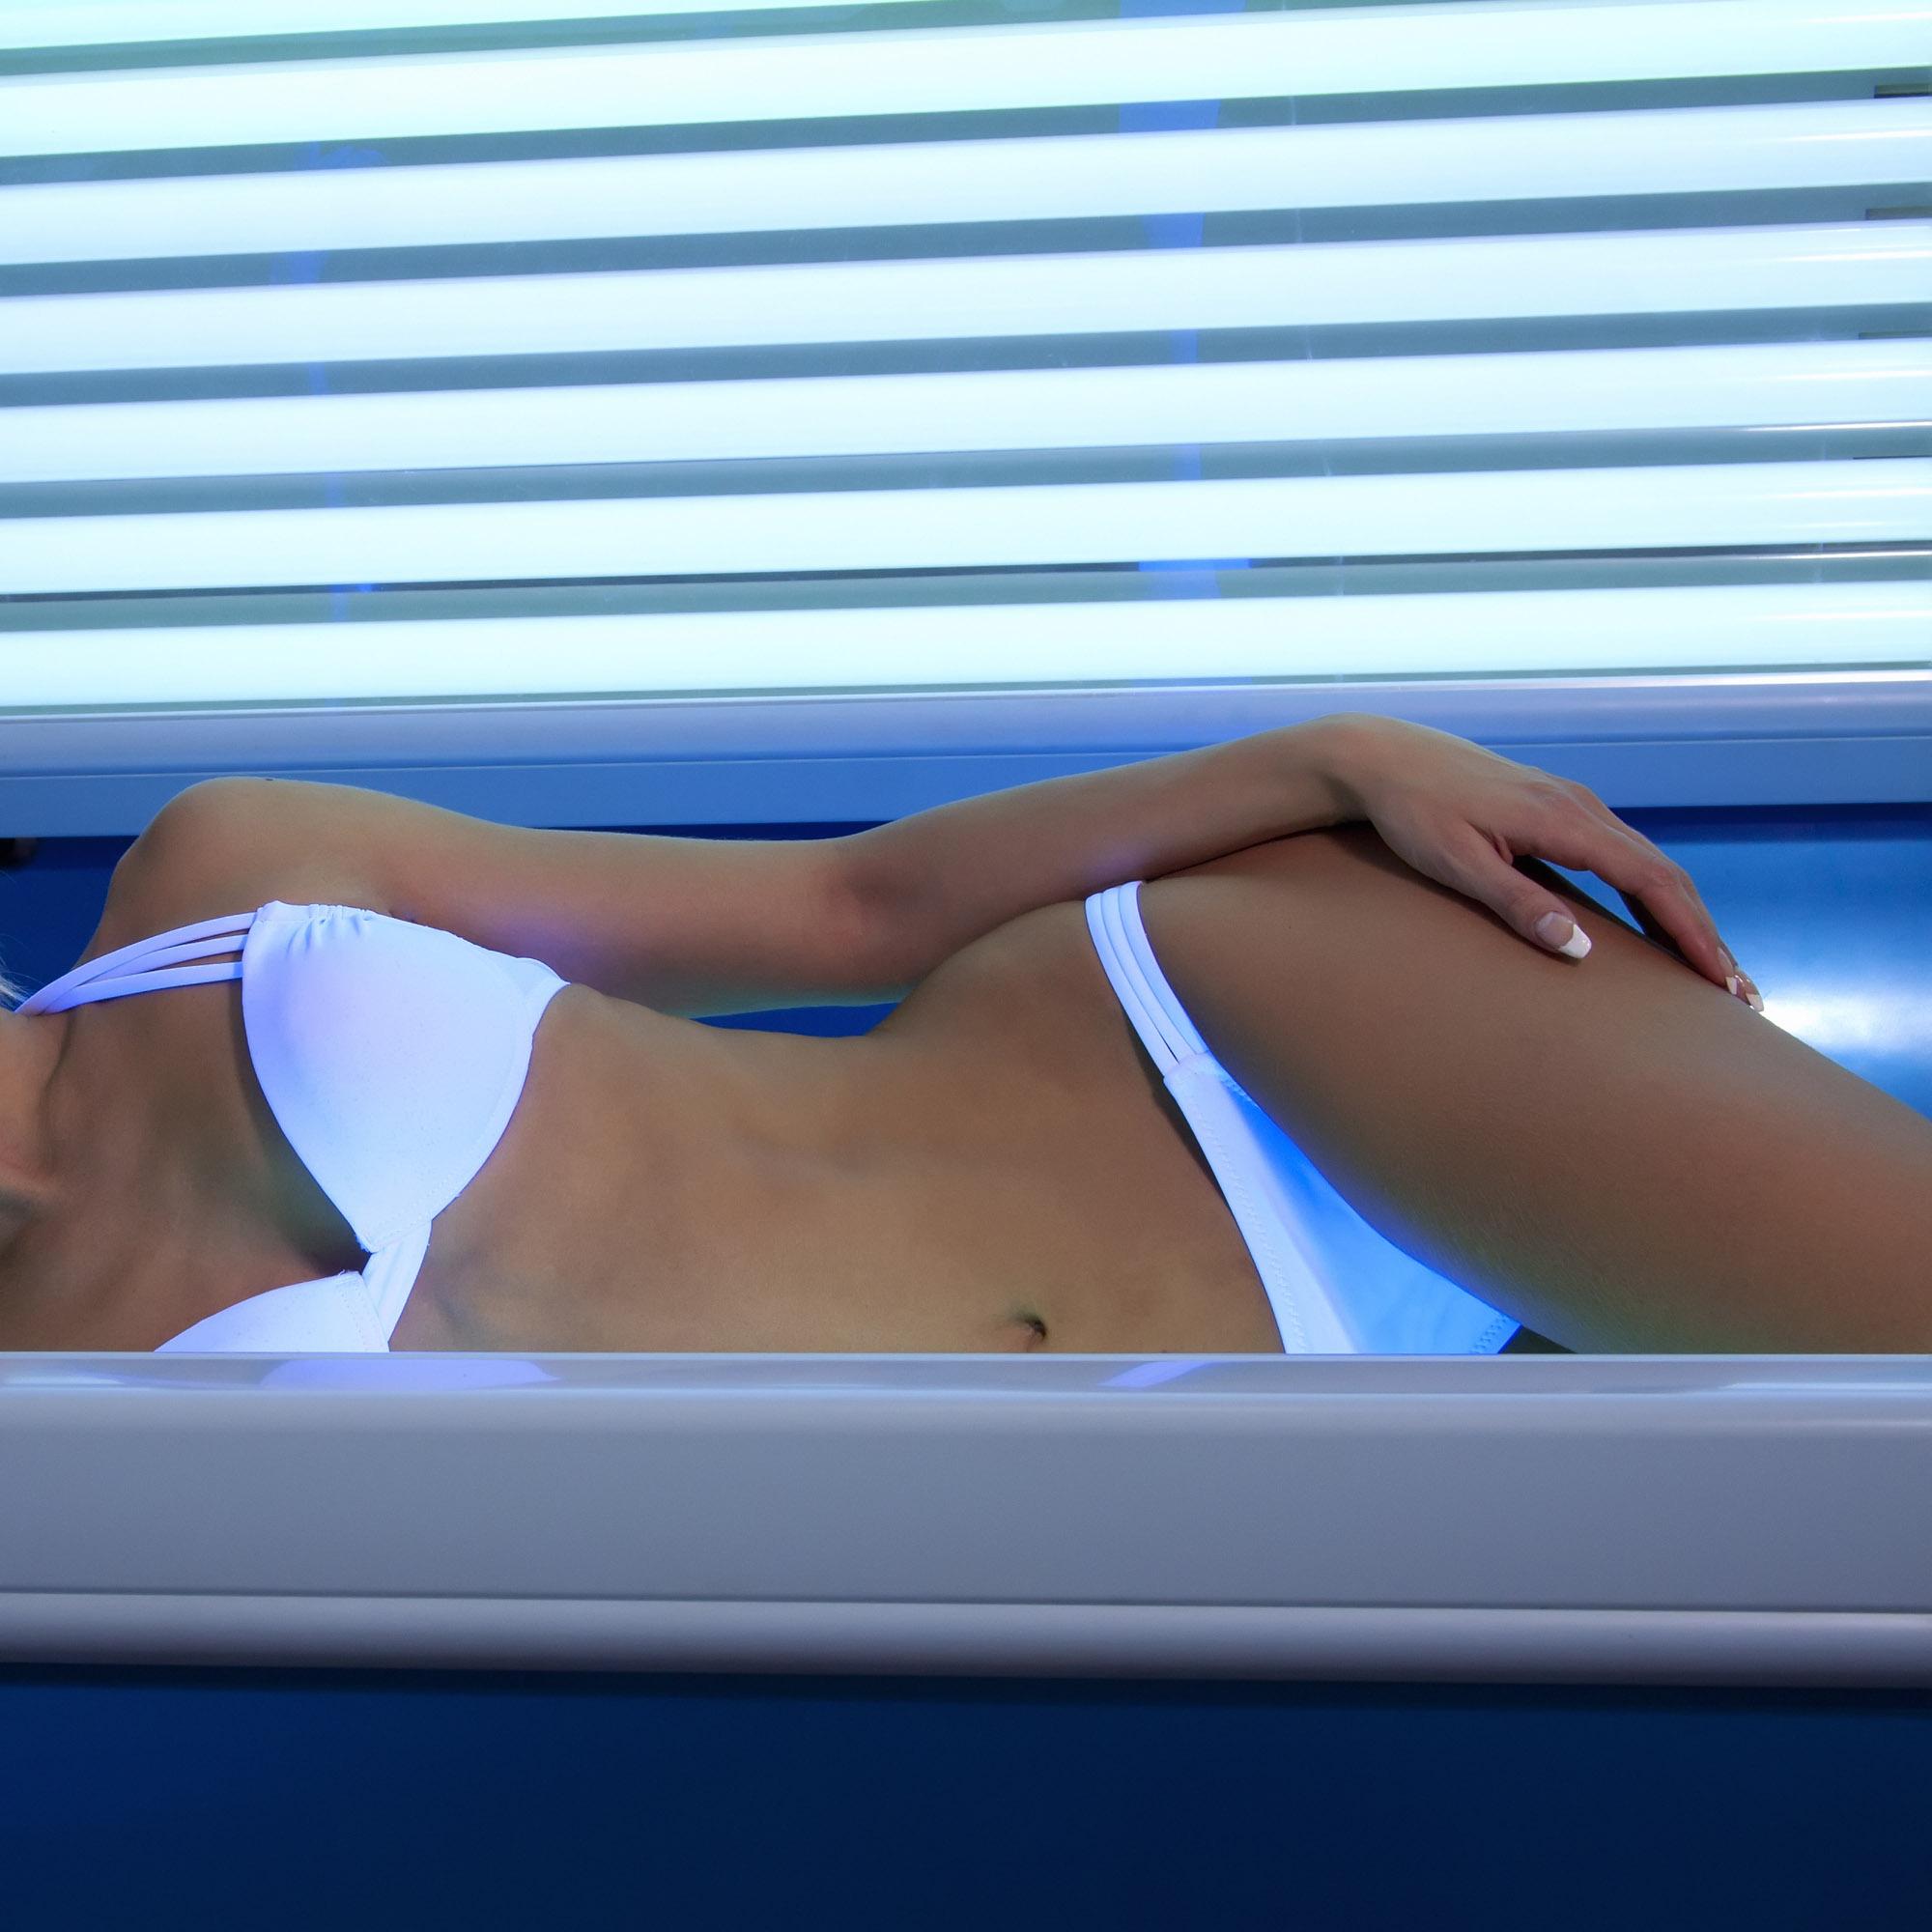 pikkelysömör kezelés szolárium a bőr viszket és vörös foltok borítják